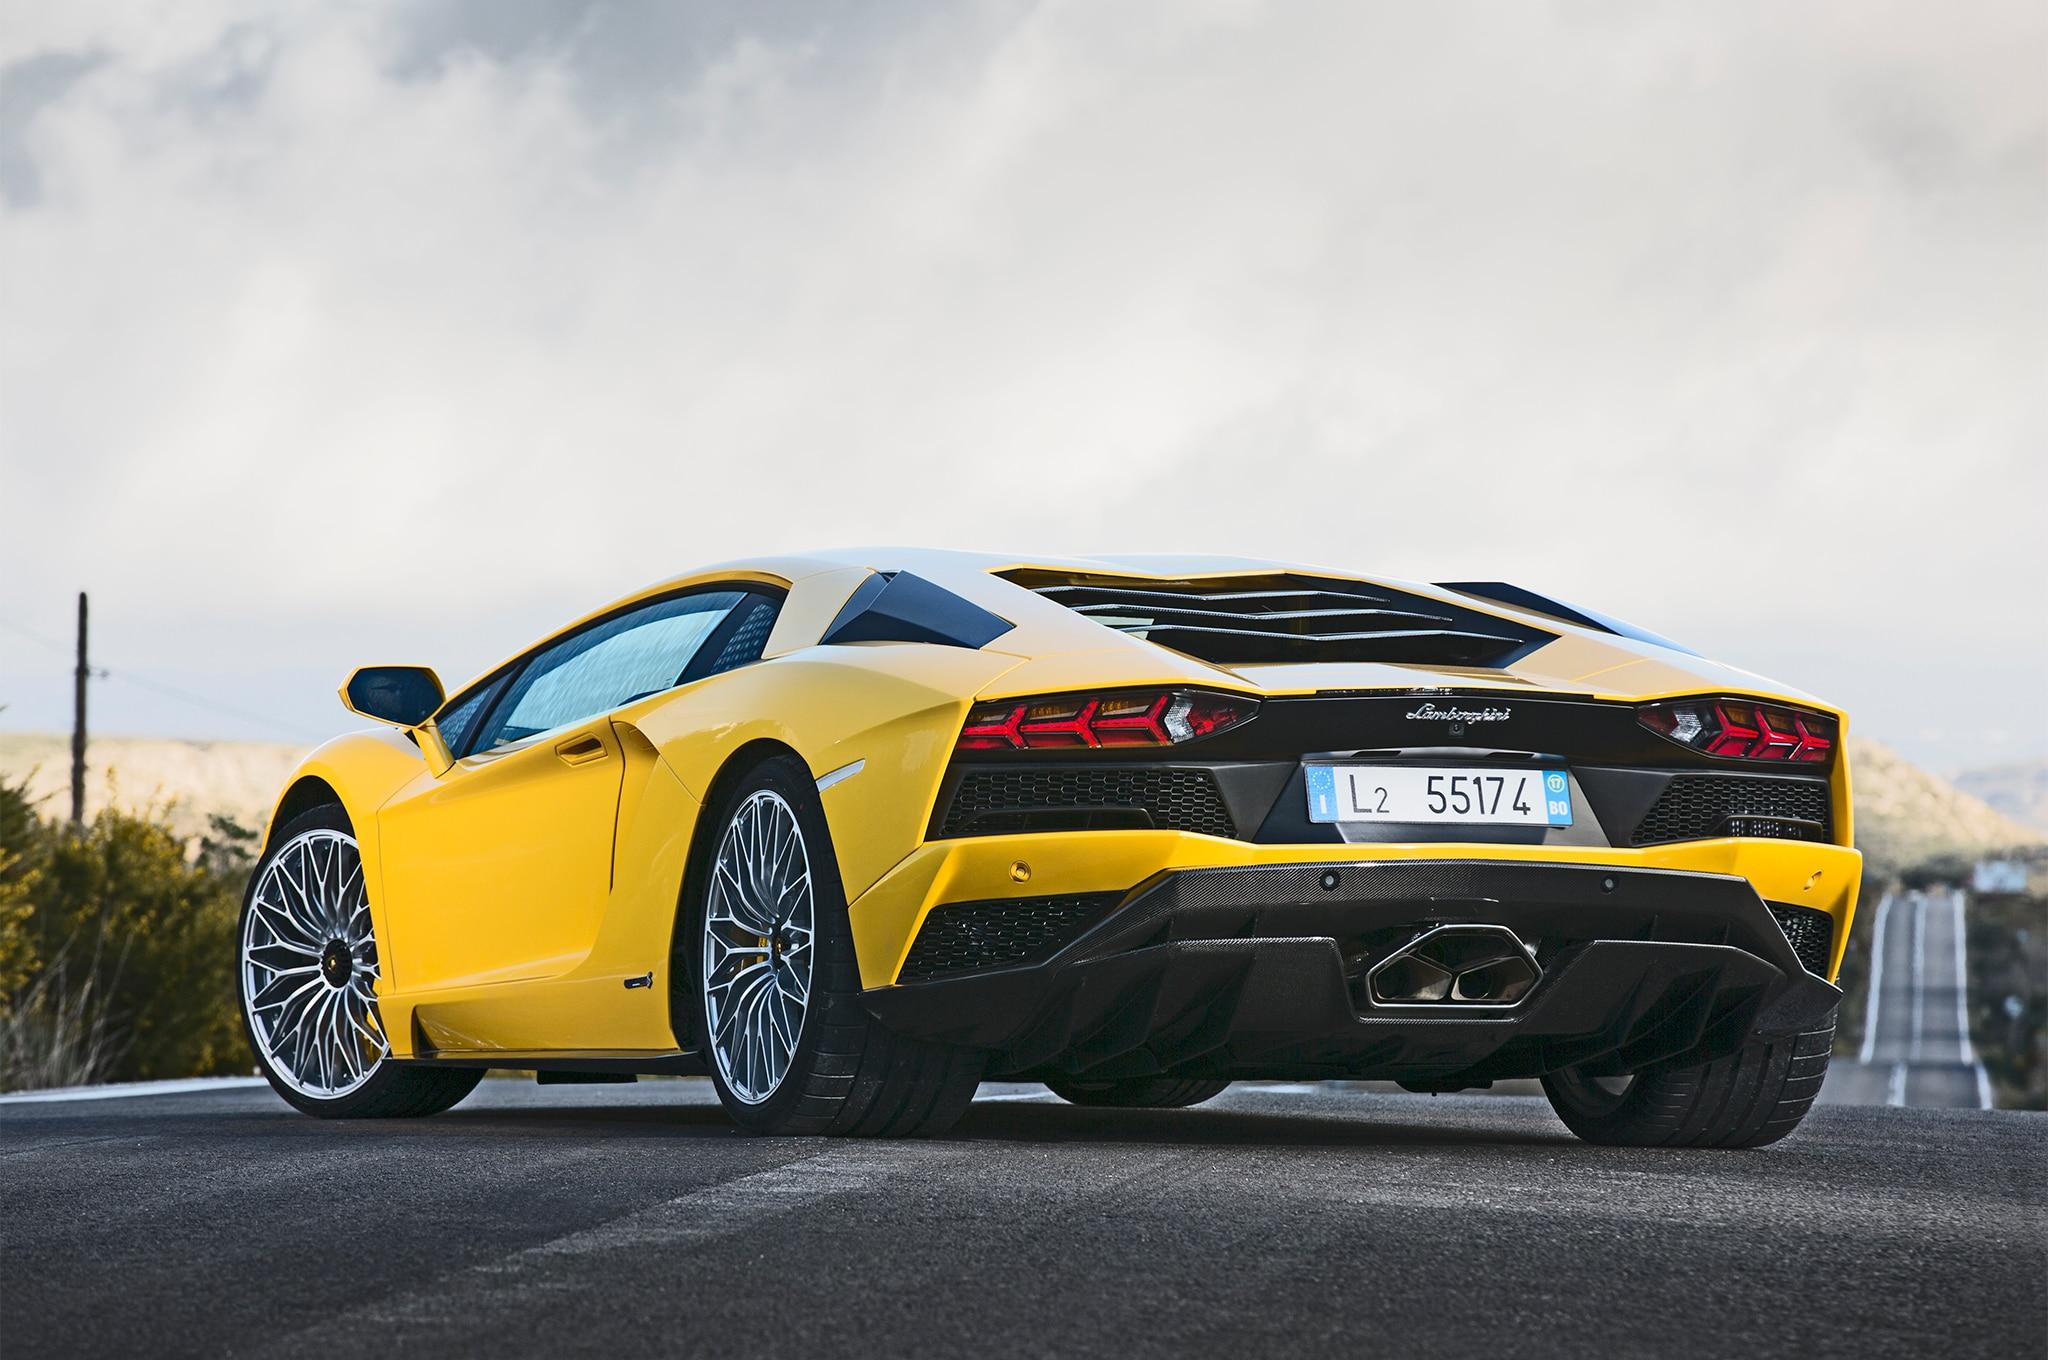 First Drive: 2017 Lamborghini Aventador S | Automobile ...